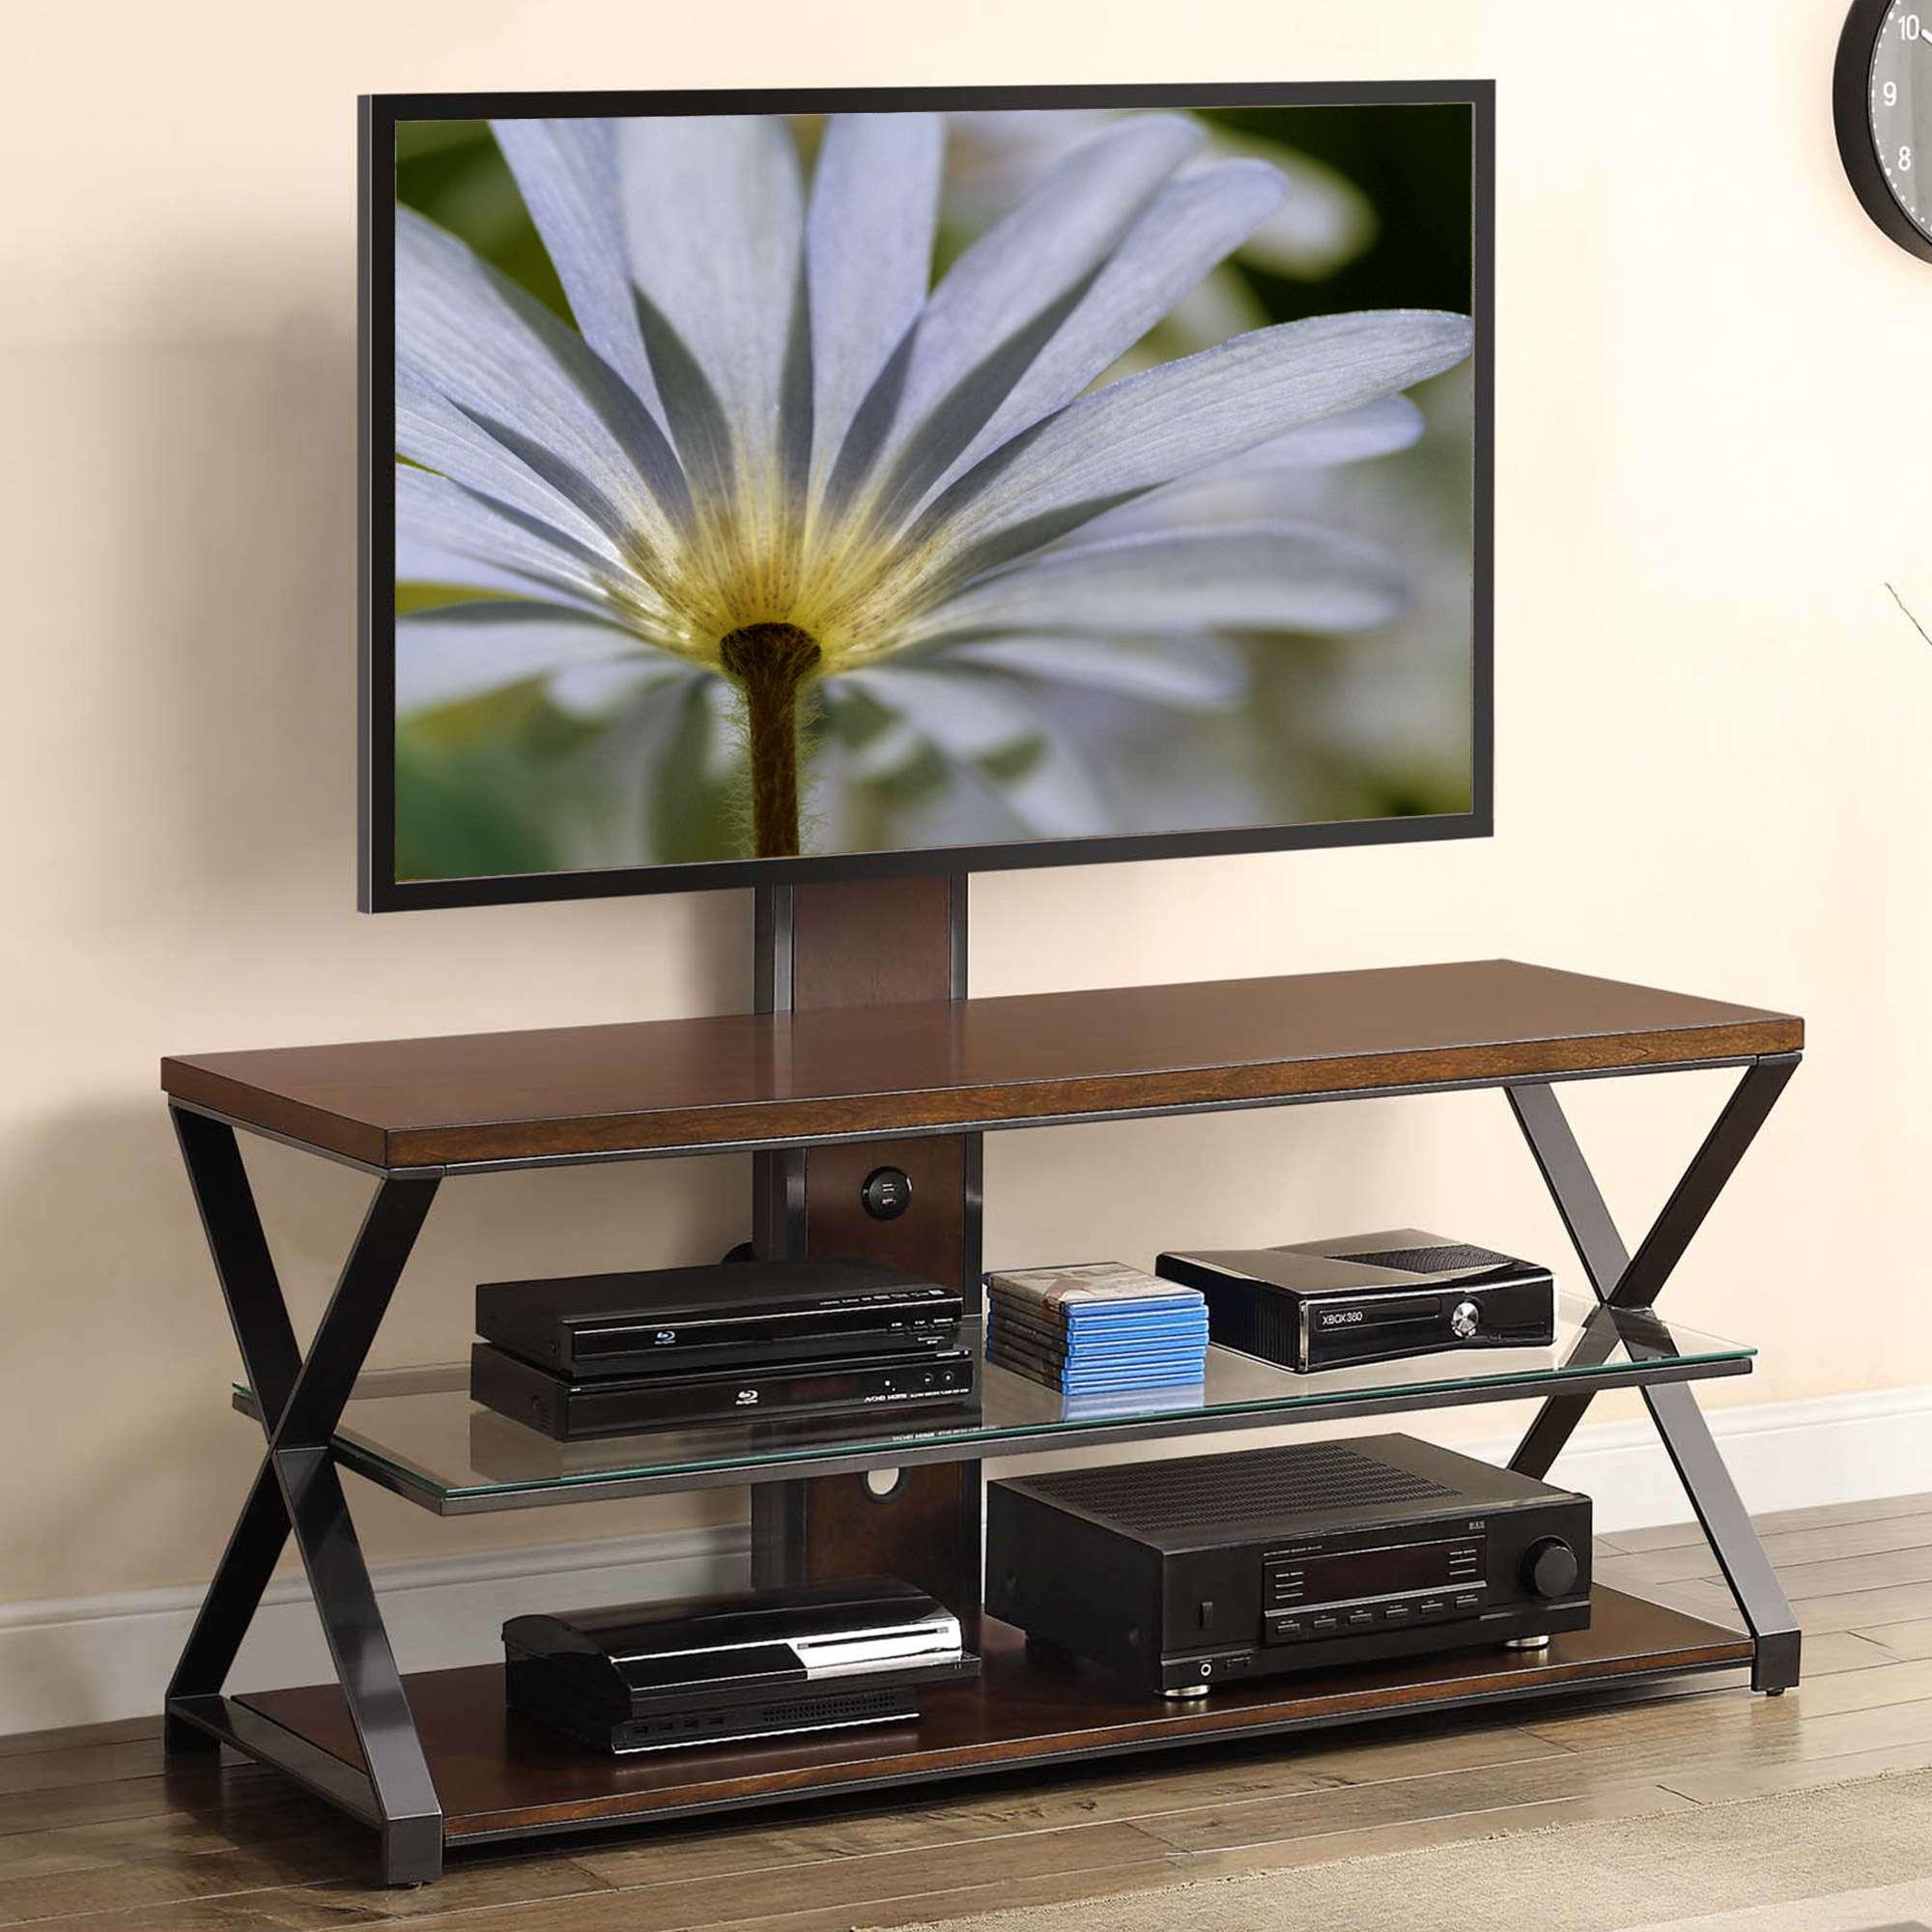 Jaxon 3 In 1 Cognac Tv Stand For Tvs Up To 70 Walmart Com